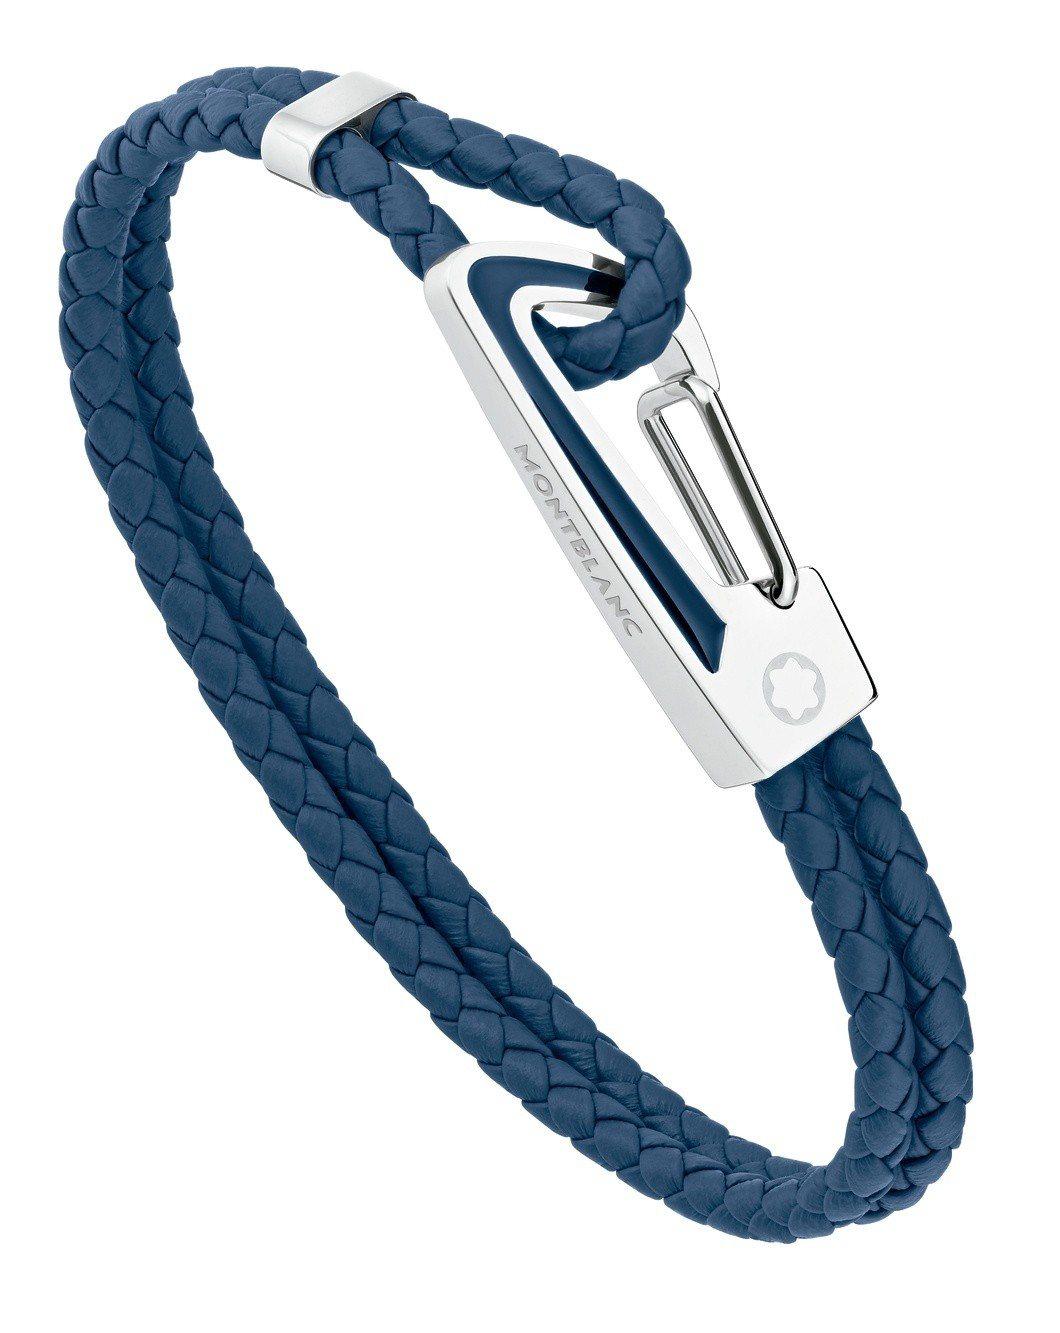 萬寶龍Star系列精鋼藍色手環,8,300元。圖/萬寶龍提供